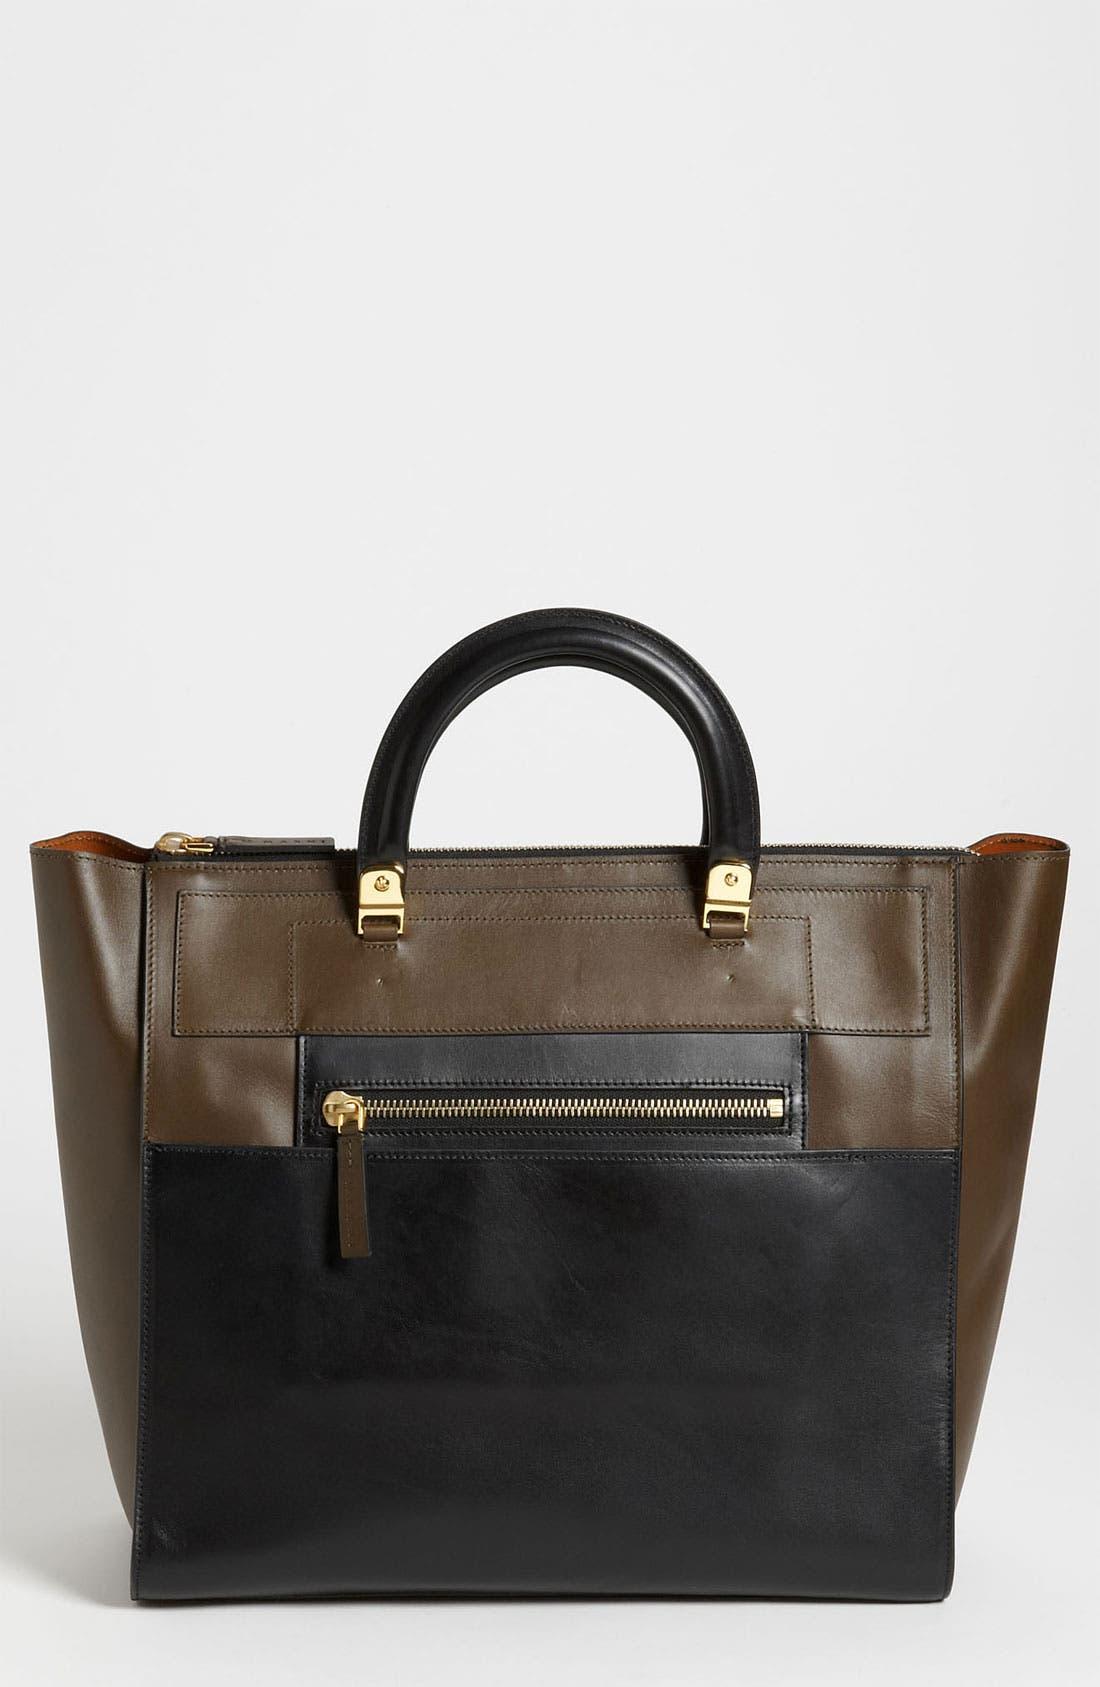 Main Image - Marni 'Large' Leather Tote